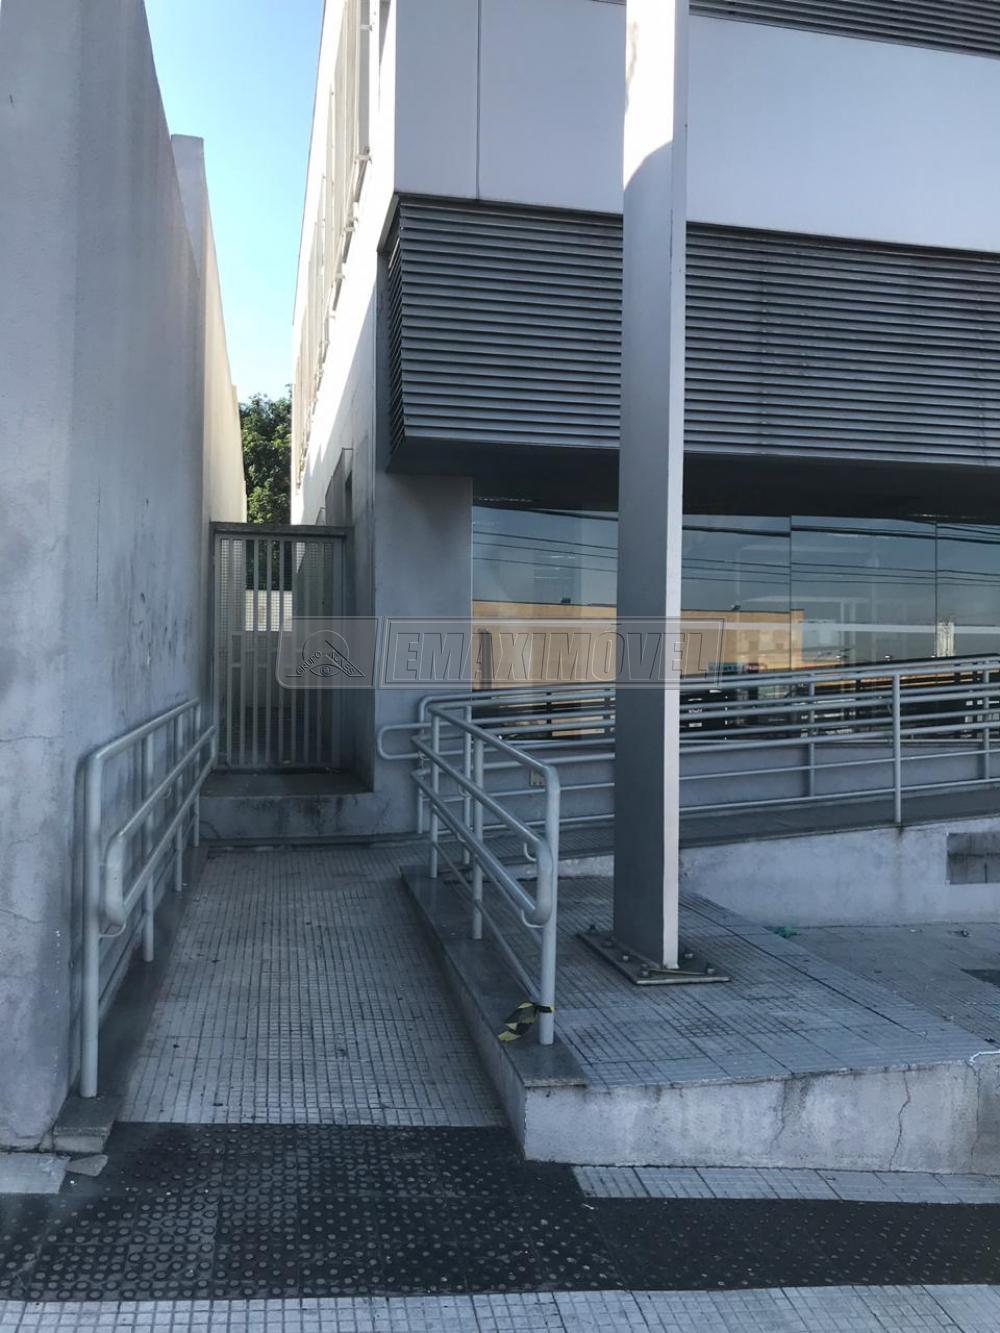 Alugar Comercial / Galpões em Sorocaba apenas R$ 30.000,00 - Foto 3